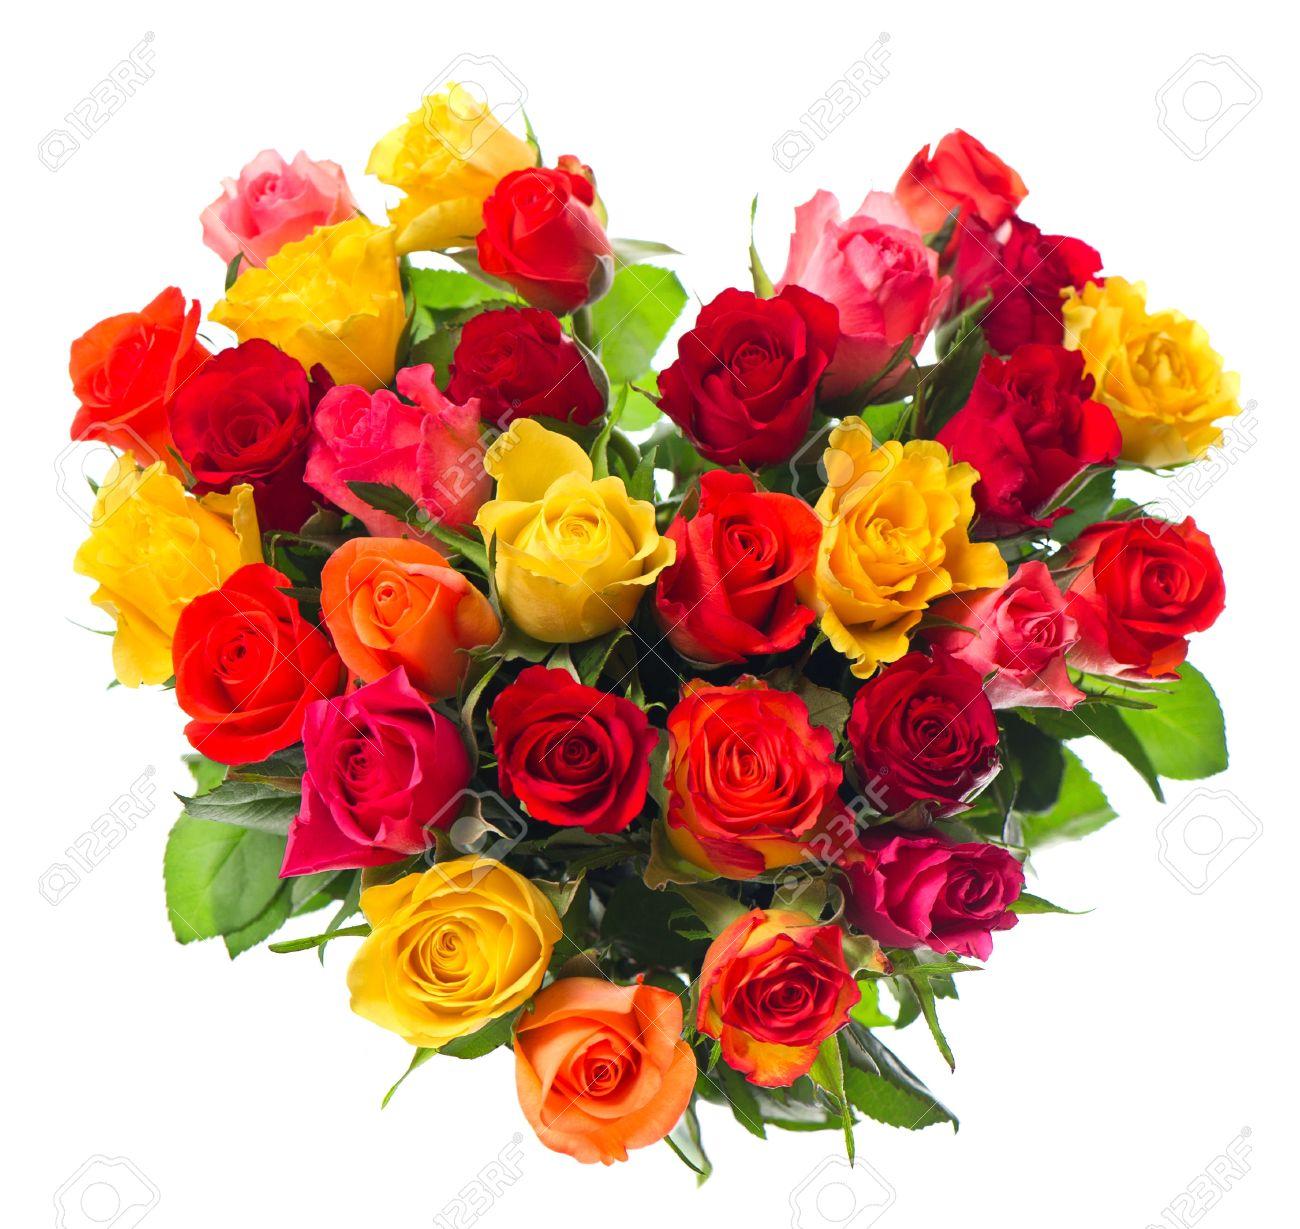 Ramo De Rosas De Colores Variados En Forma De Corazón En El Fondo